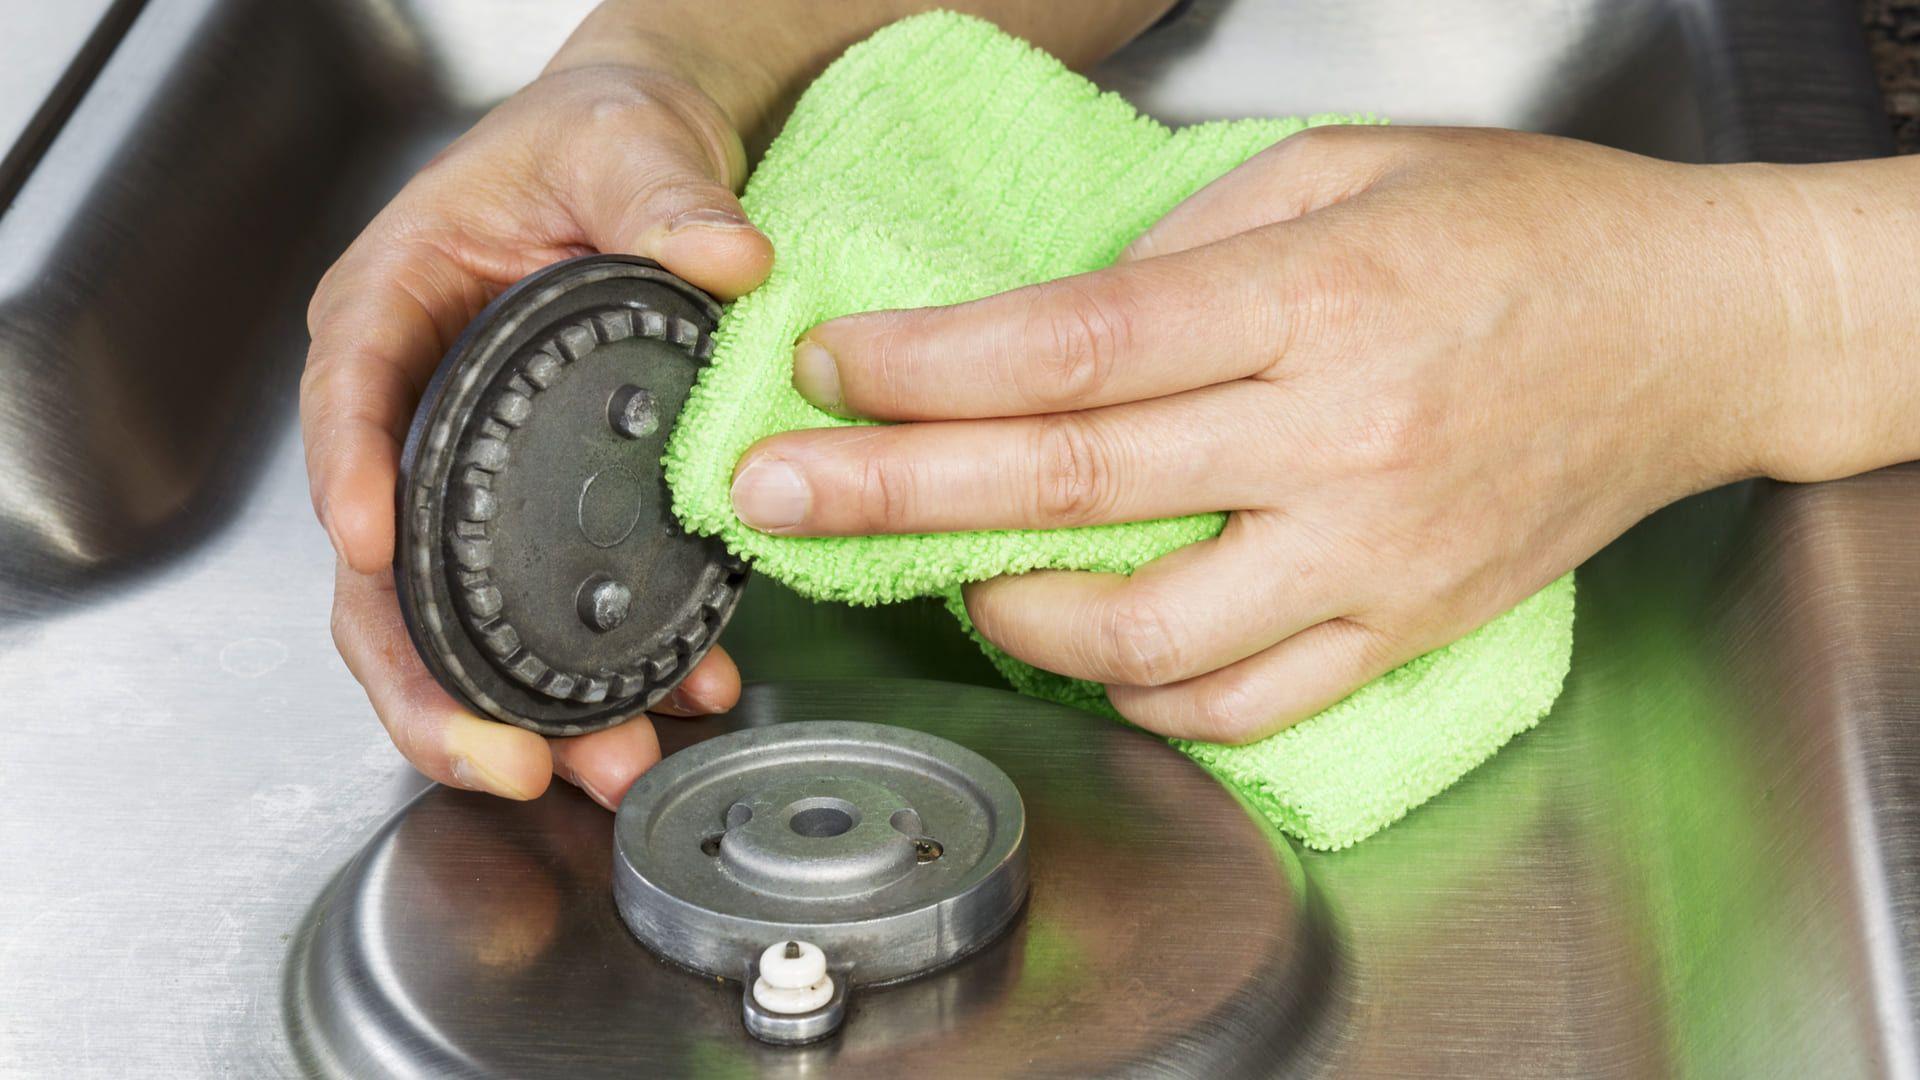 Após limpar as peças removíveis do seu fogão, seque-as bem. (Imagem: Reprodução/Shutterstock)